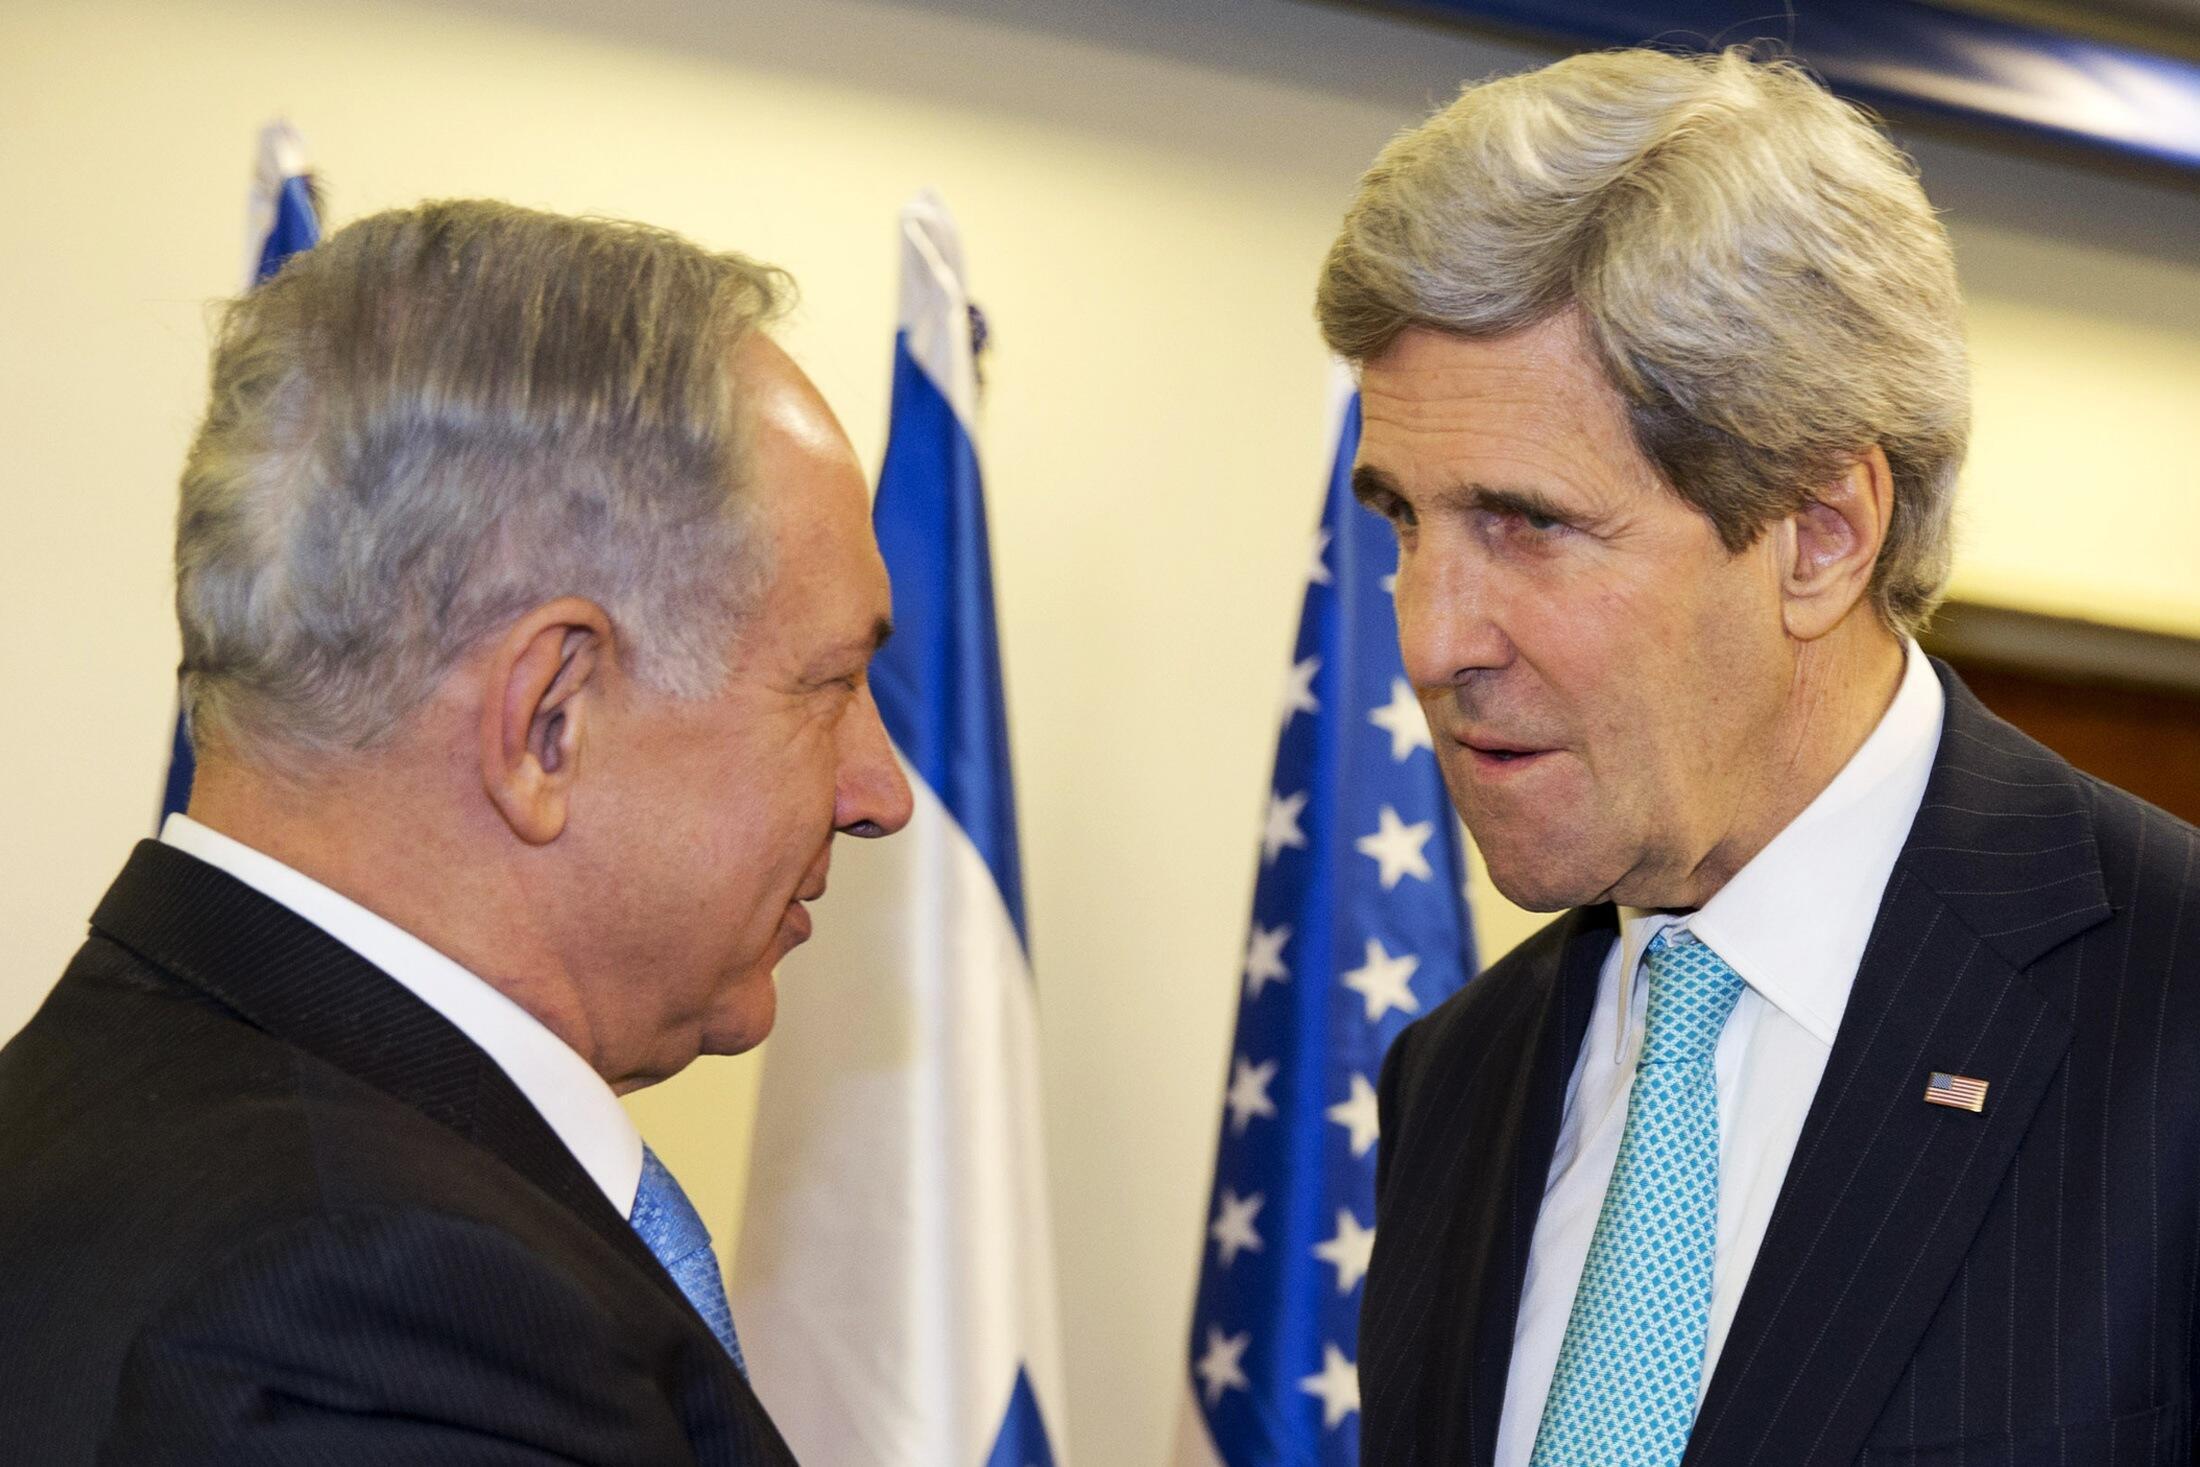 Le Premier ministre israélien Benyamin Netanyahu a rencontré le secrétaire d'Etat américain John Kerry à Jérusalem, le 31 mars 2014.